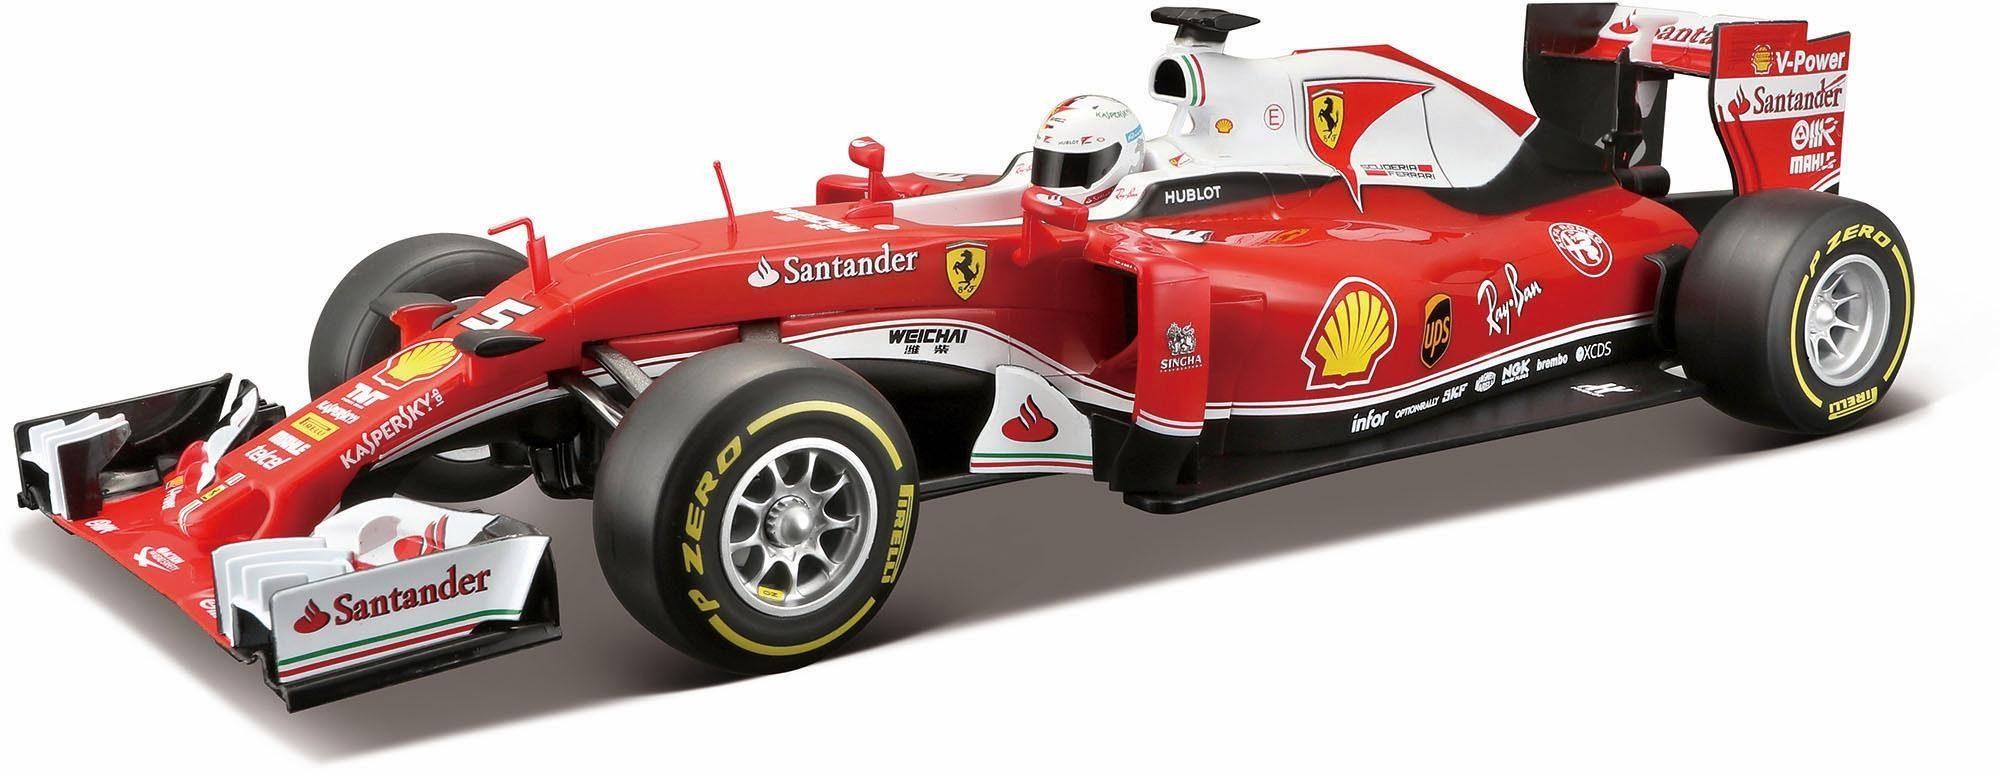 Maisto Tech® RC Komplettset, »F1 Ferrari SF 16-H, 1:14, 27/40 MHz«